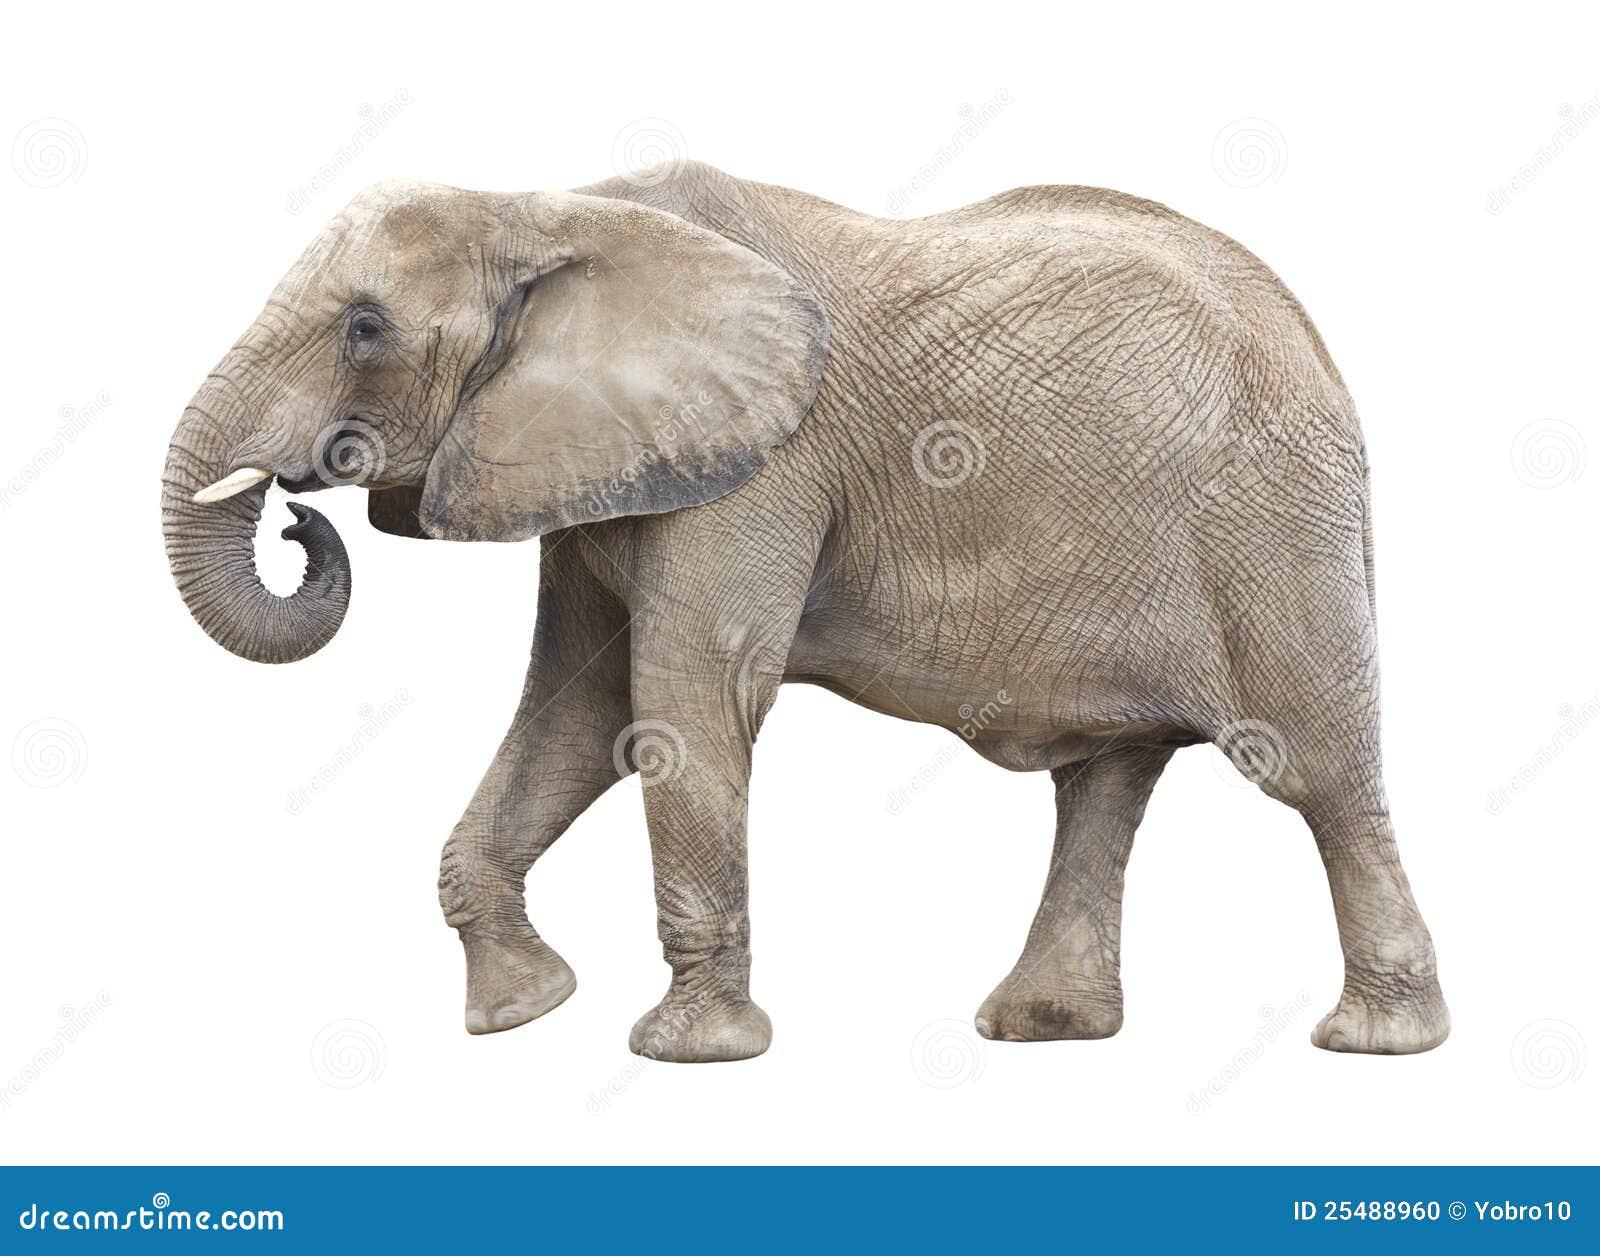 African elephant cutout stock photo image of horned 25488960 - Image elephant ...